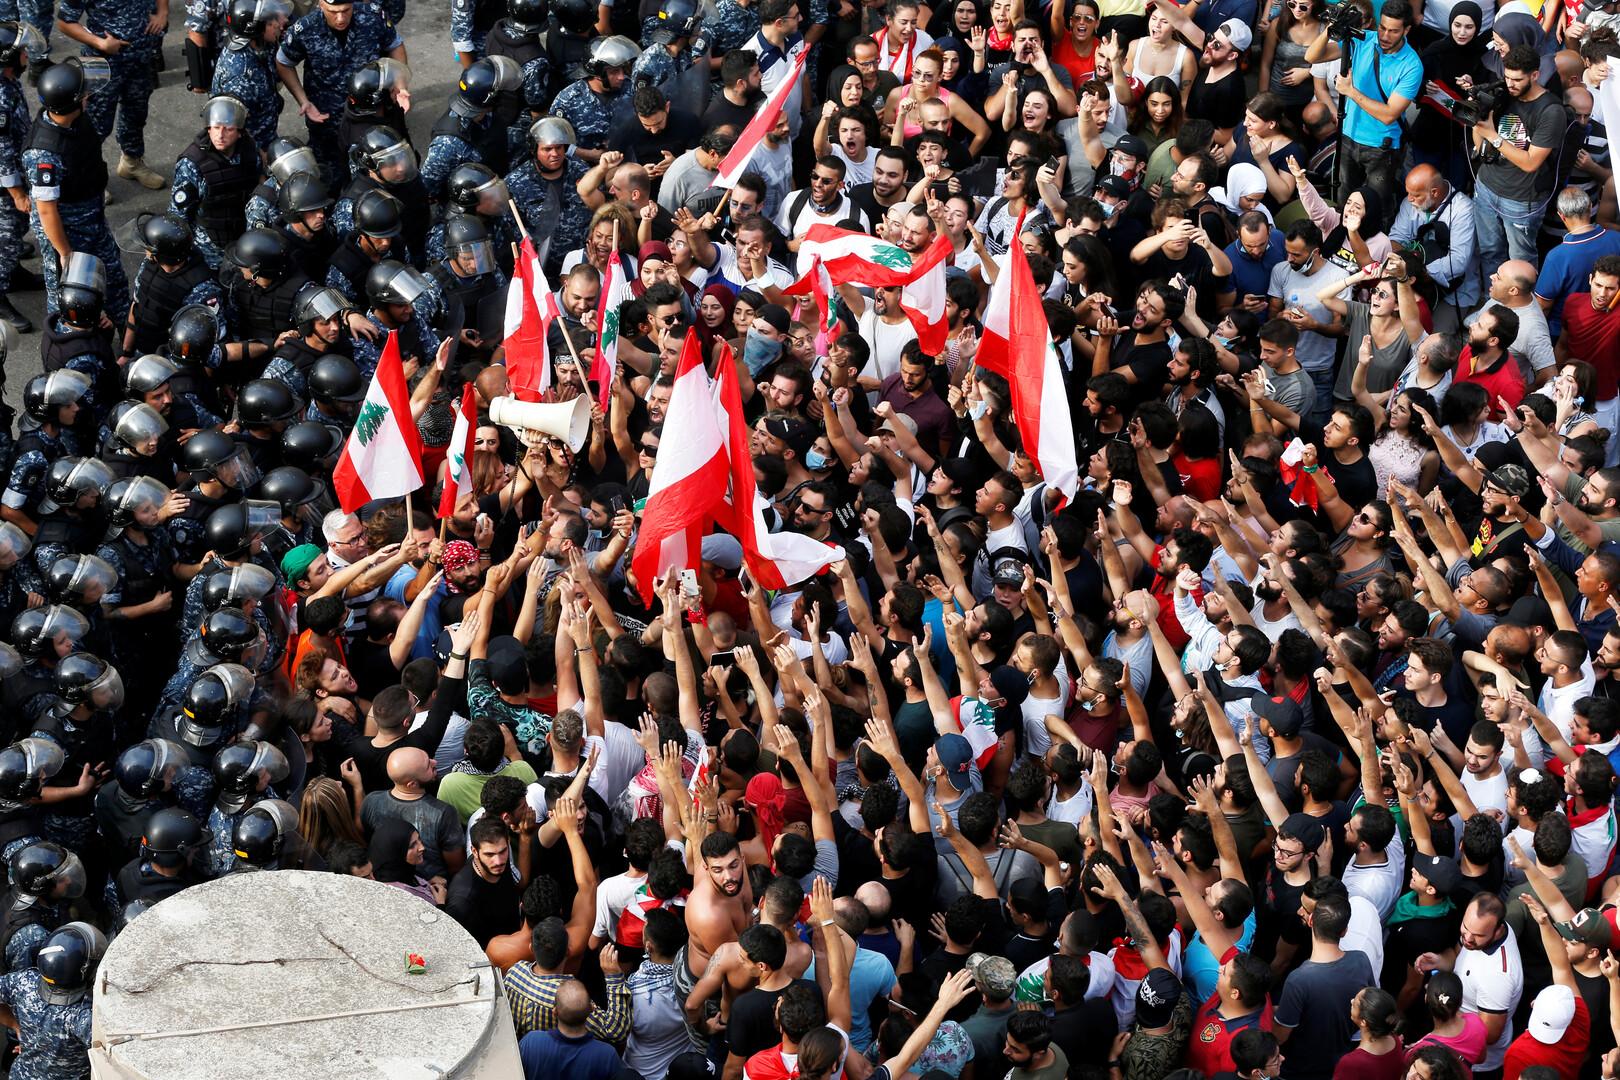 مراسلنا في لبنان: سقوط قتيل وإصابة 7 في مواجهات بين المتظاهرين ومرافقي النائب السابق مصباح الأحدب